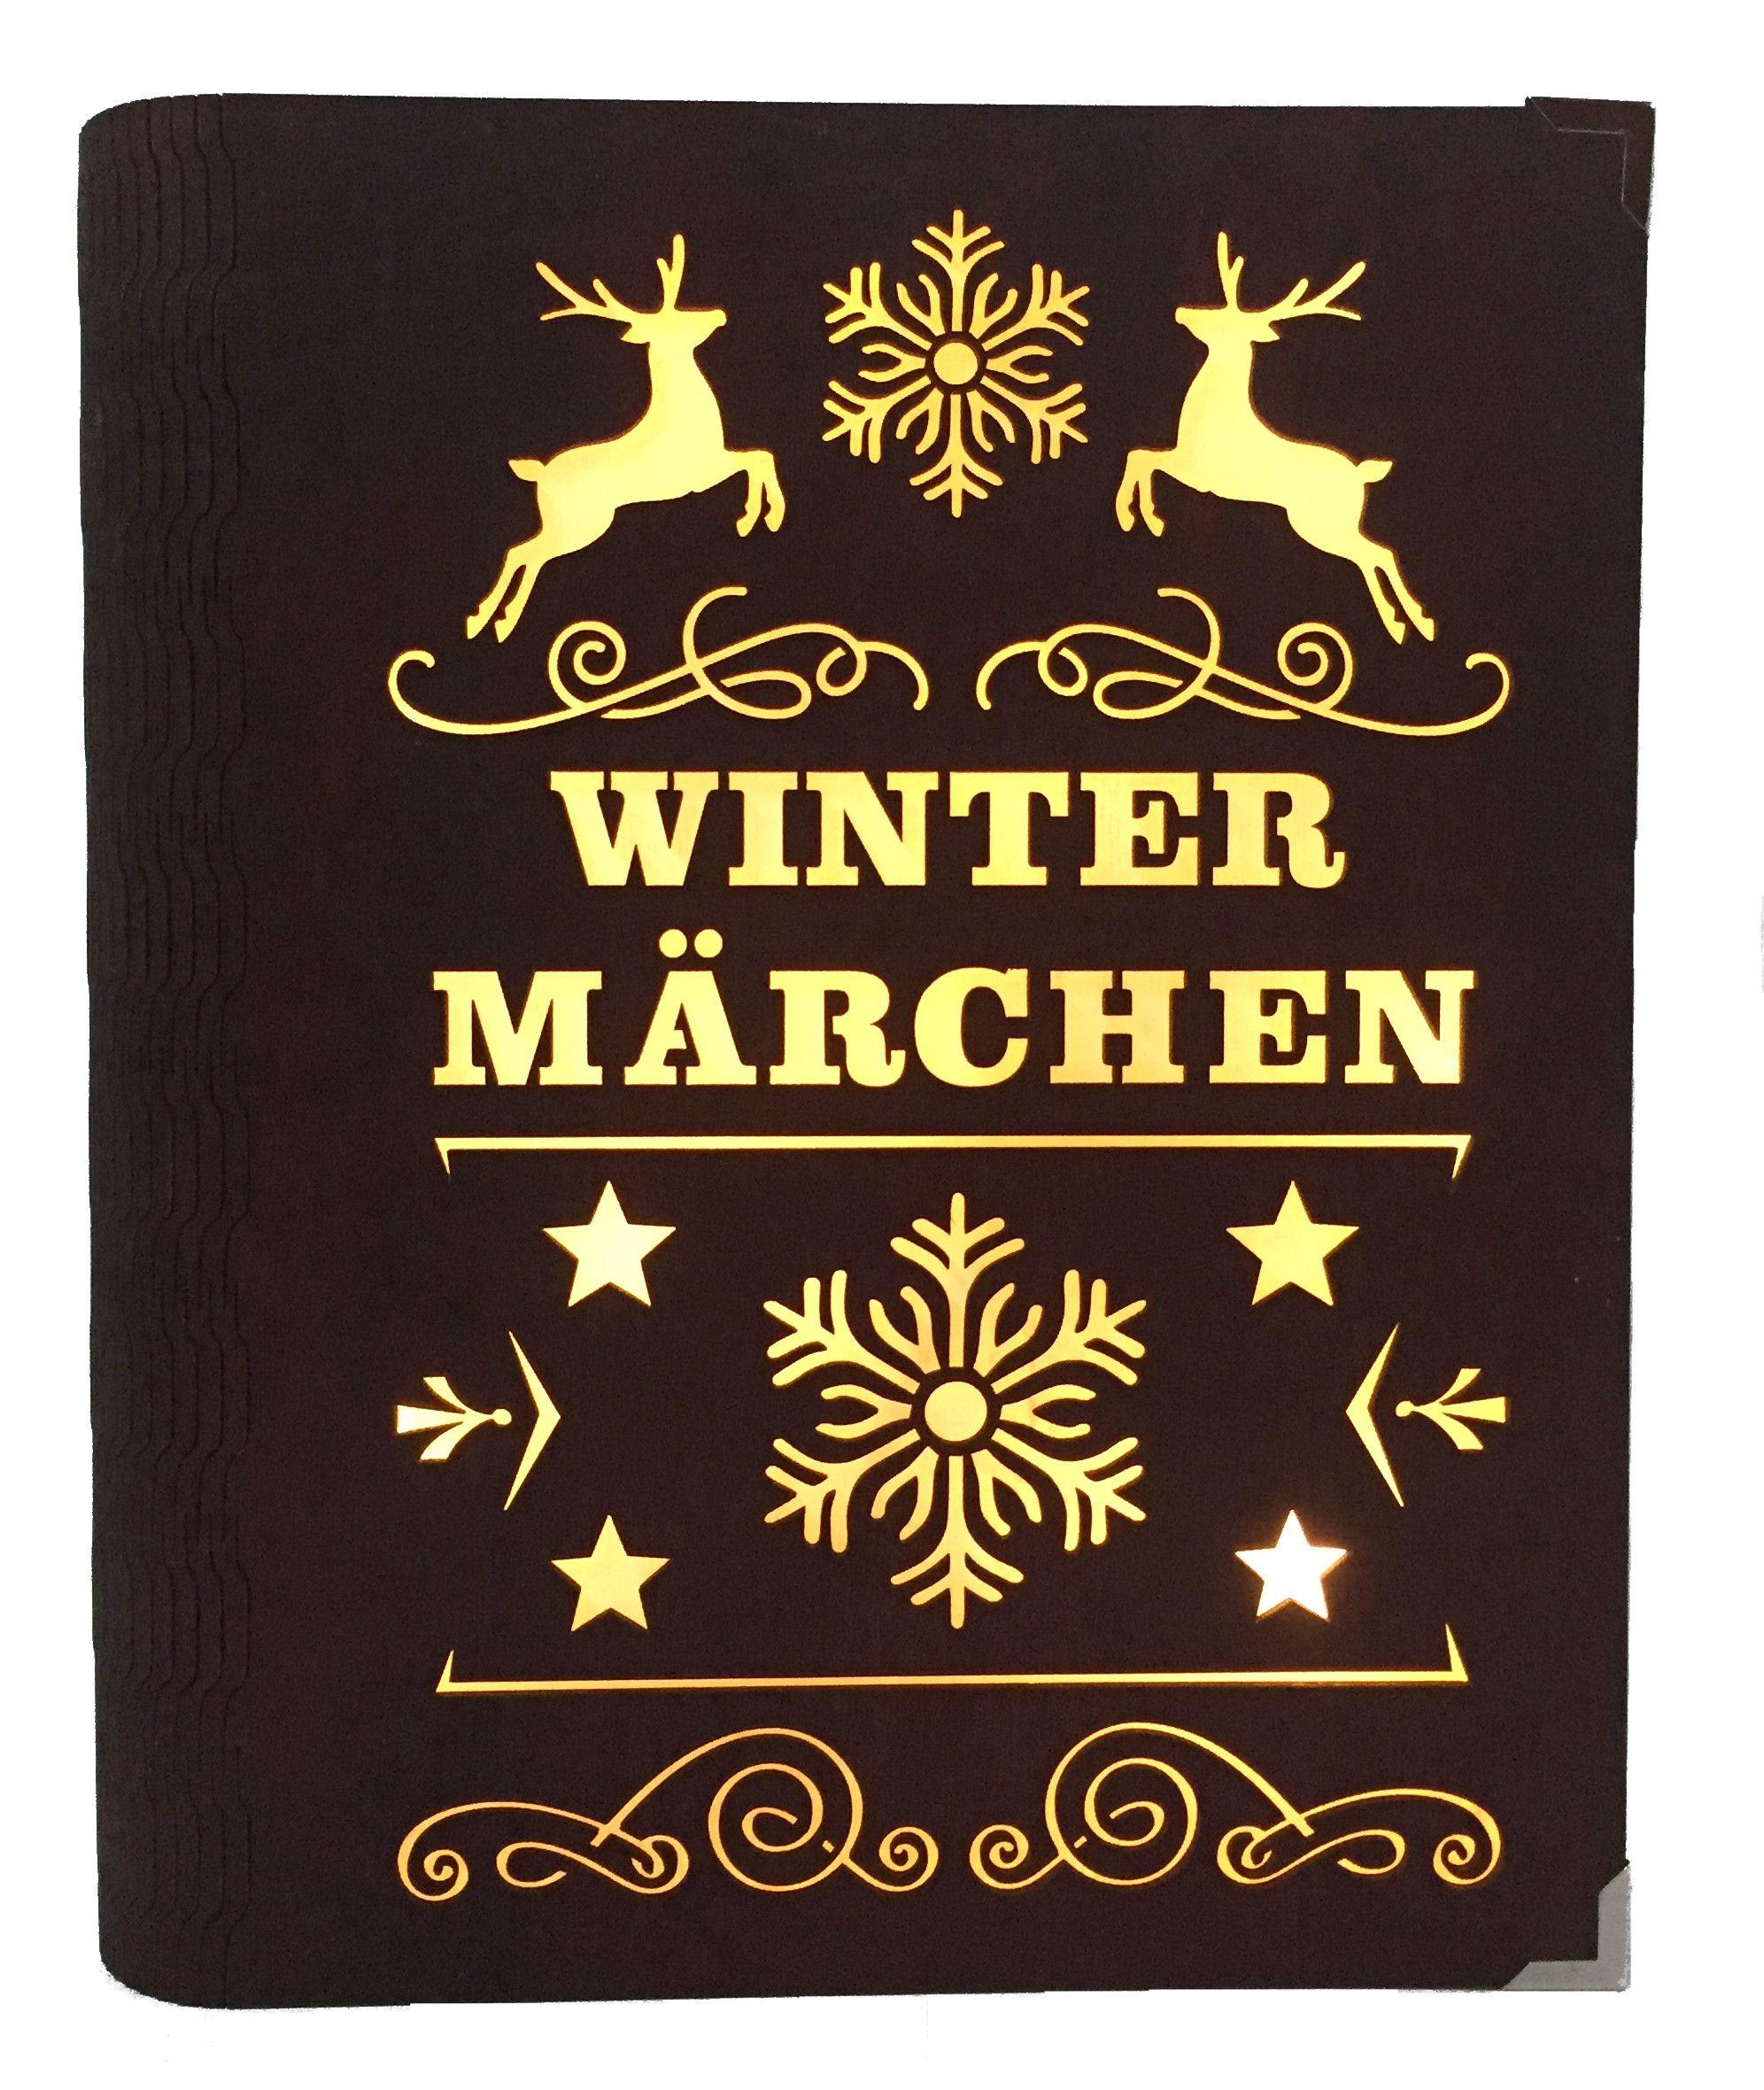 Weihnachtsdeko Beleuchtet.Dekobuch Wintermärchen Rot Beleuchtet Weihnachtsdeko Holz